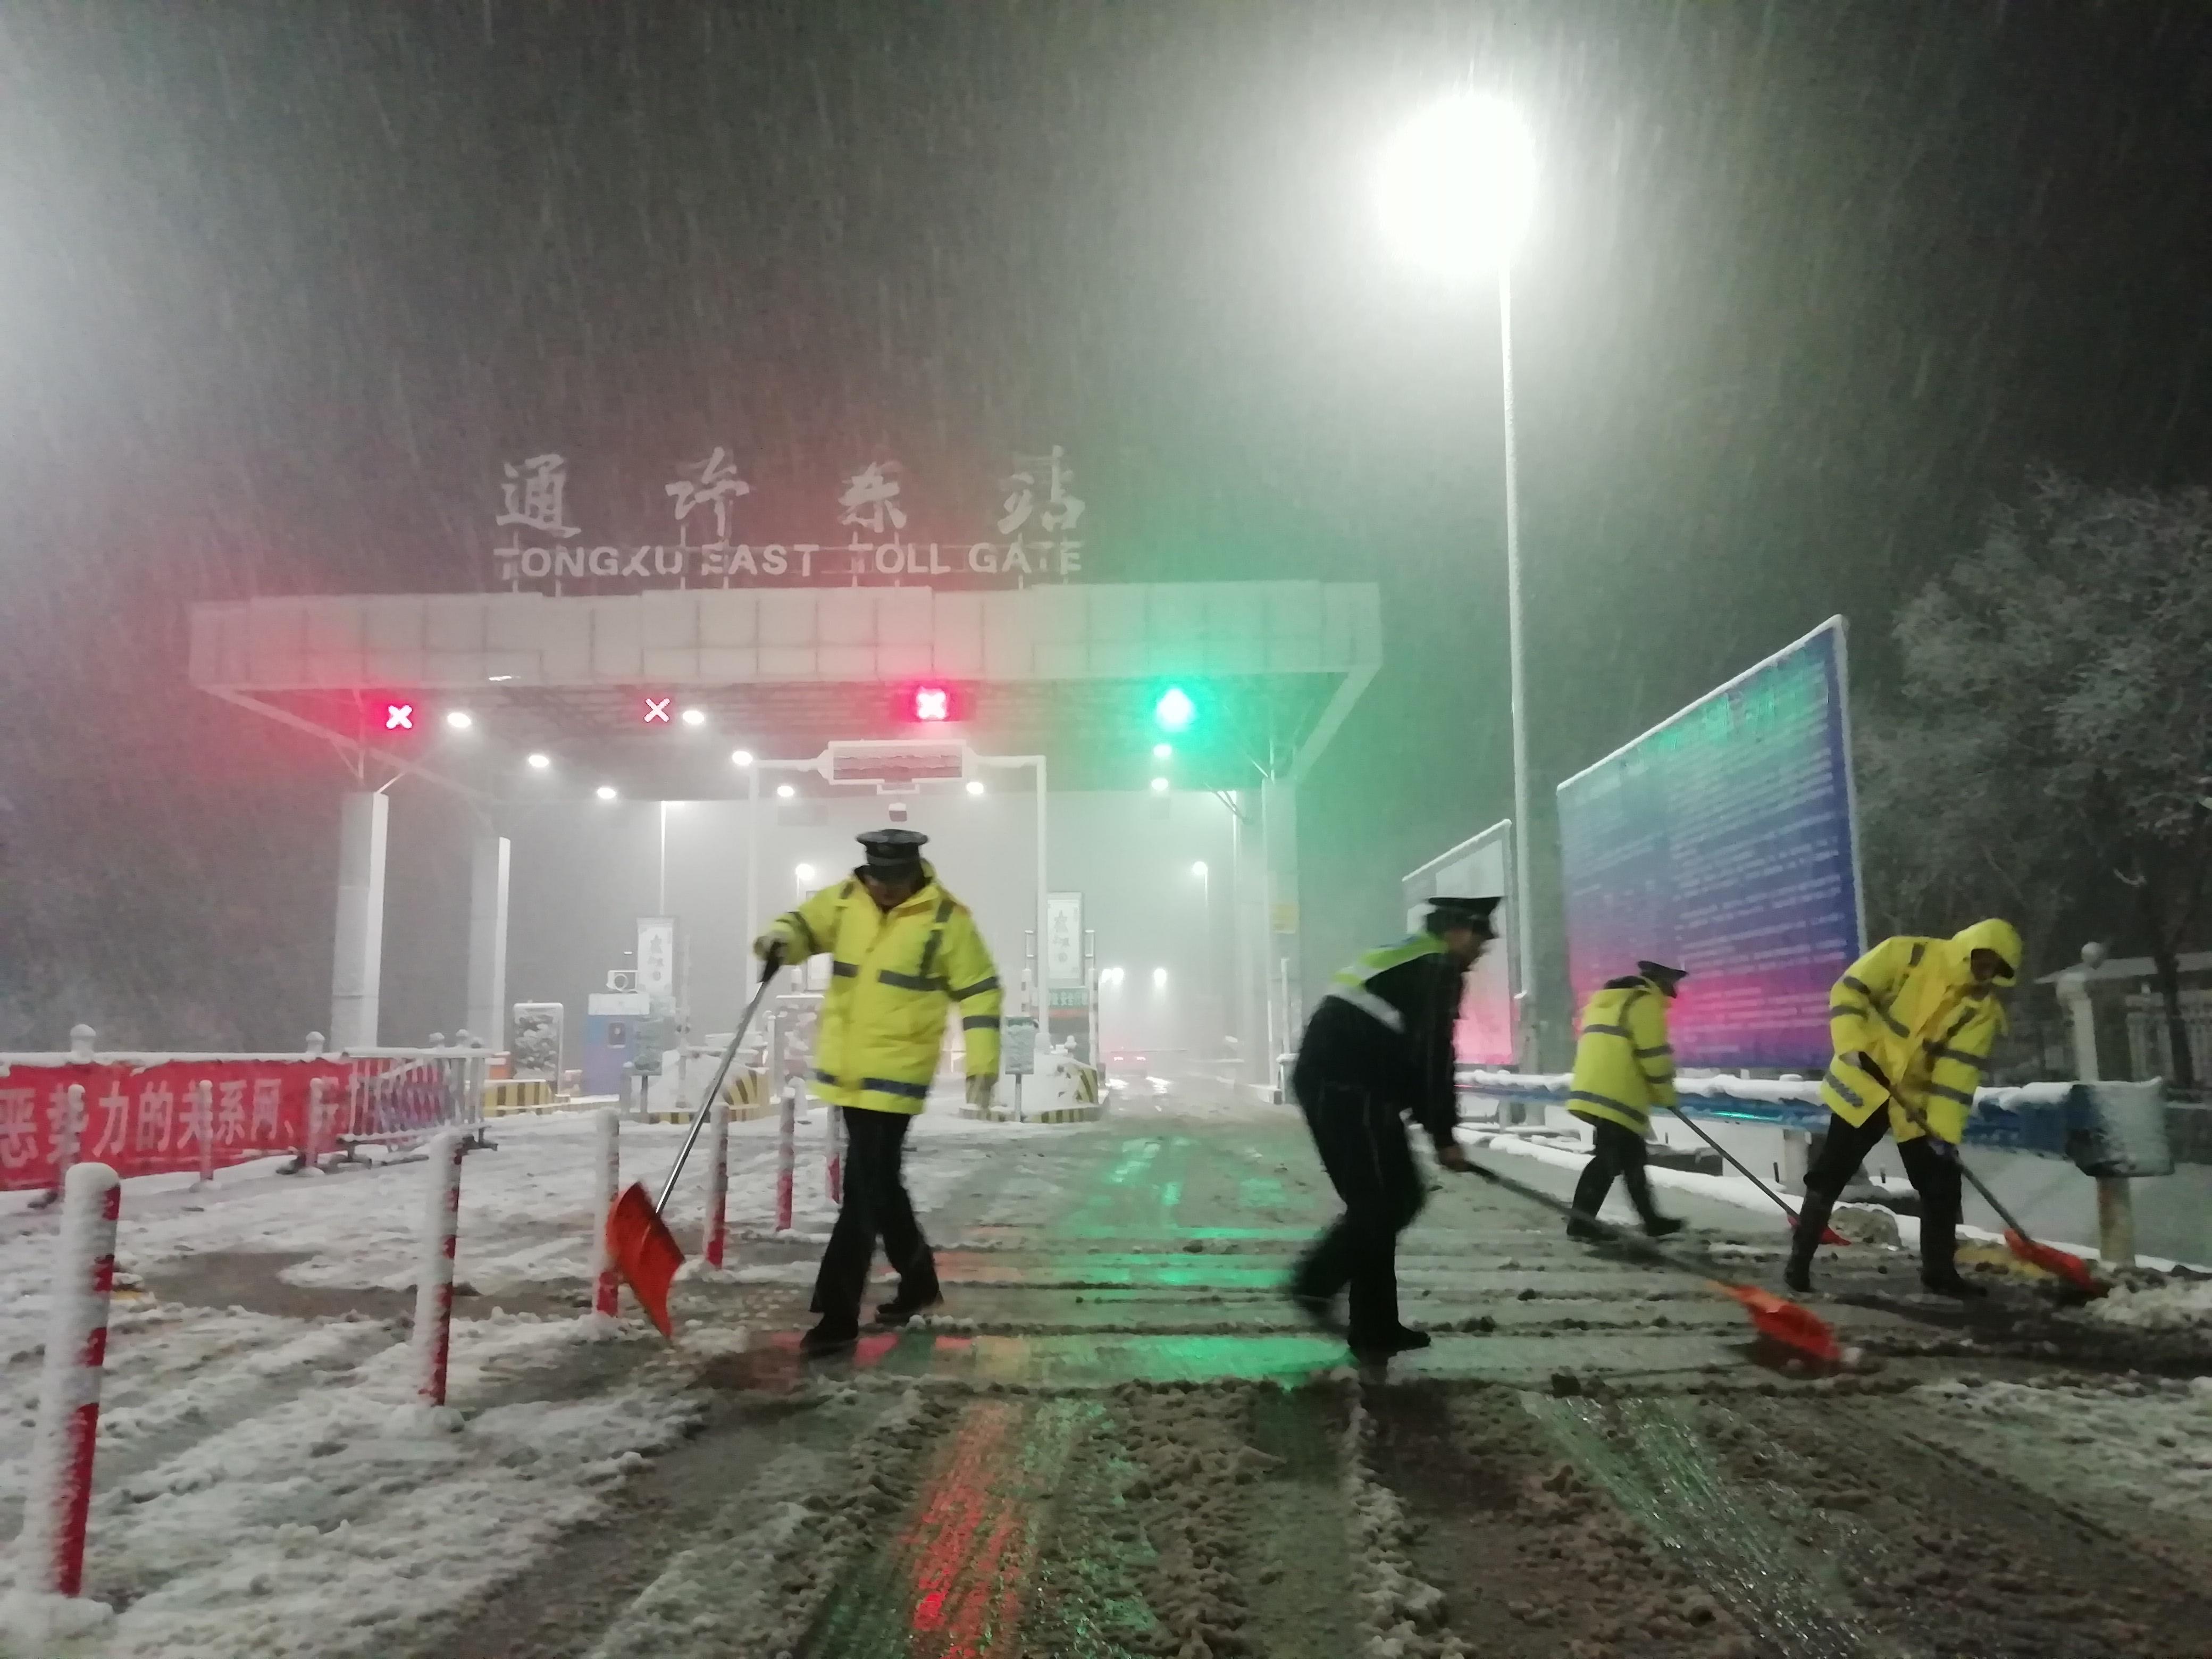 高发公司开封分公司通许东站降雪较大,收费人员冒雪清扫车道。.jpg